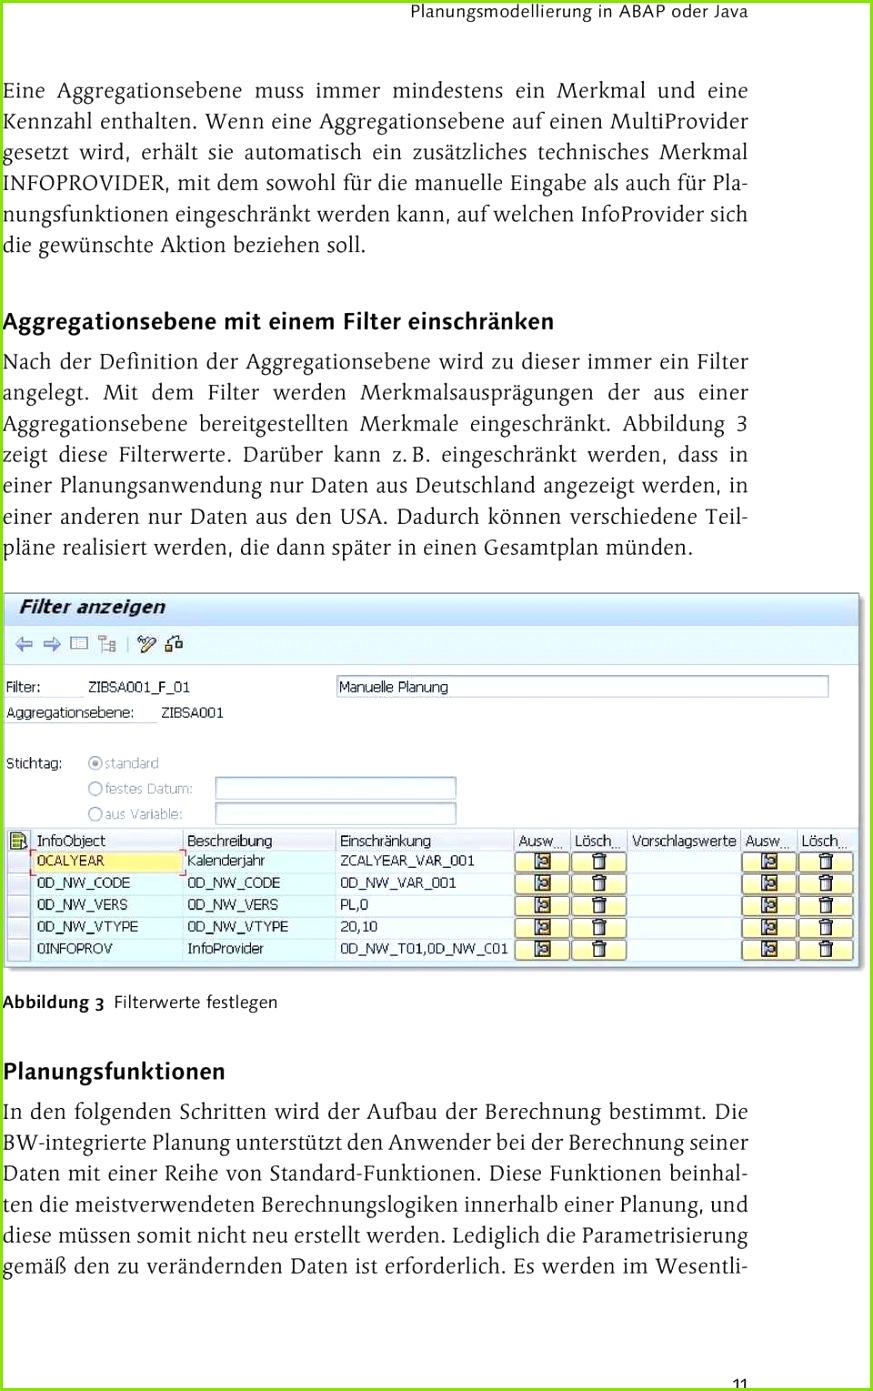 Risikoanalyse Vorlage Herunterladbare Machbarkeitsstu Vorlage 44 Editierbar Risikoanalyse Vorlage